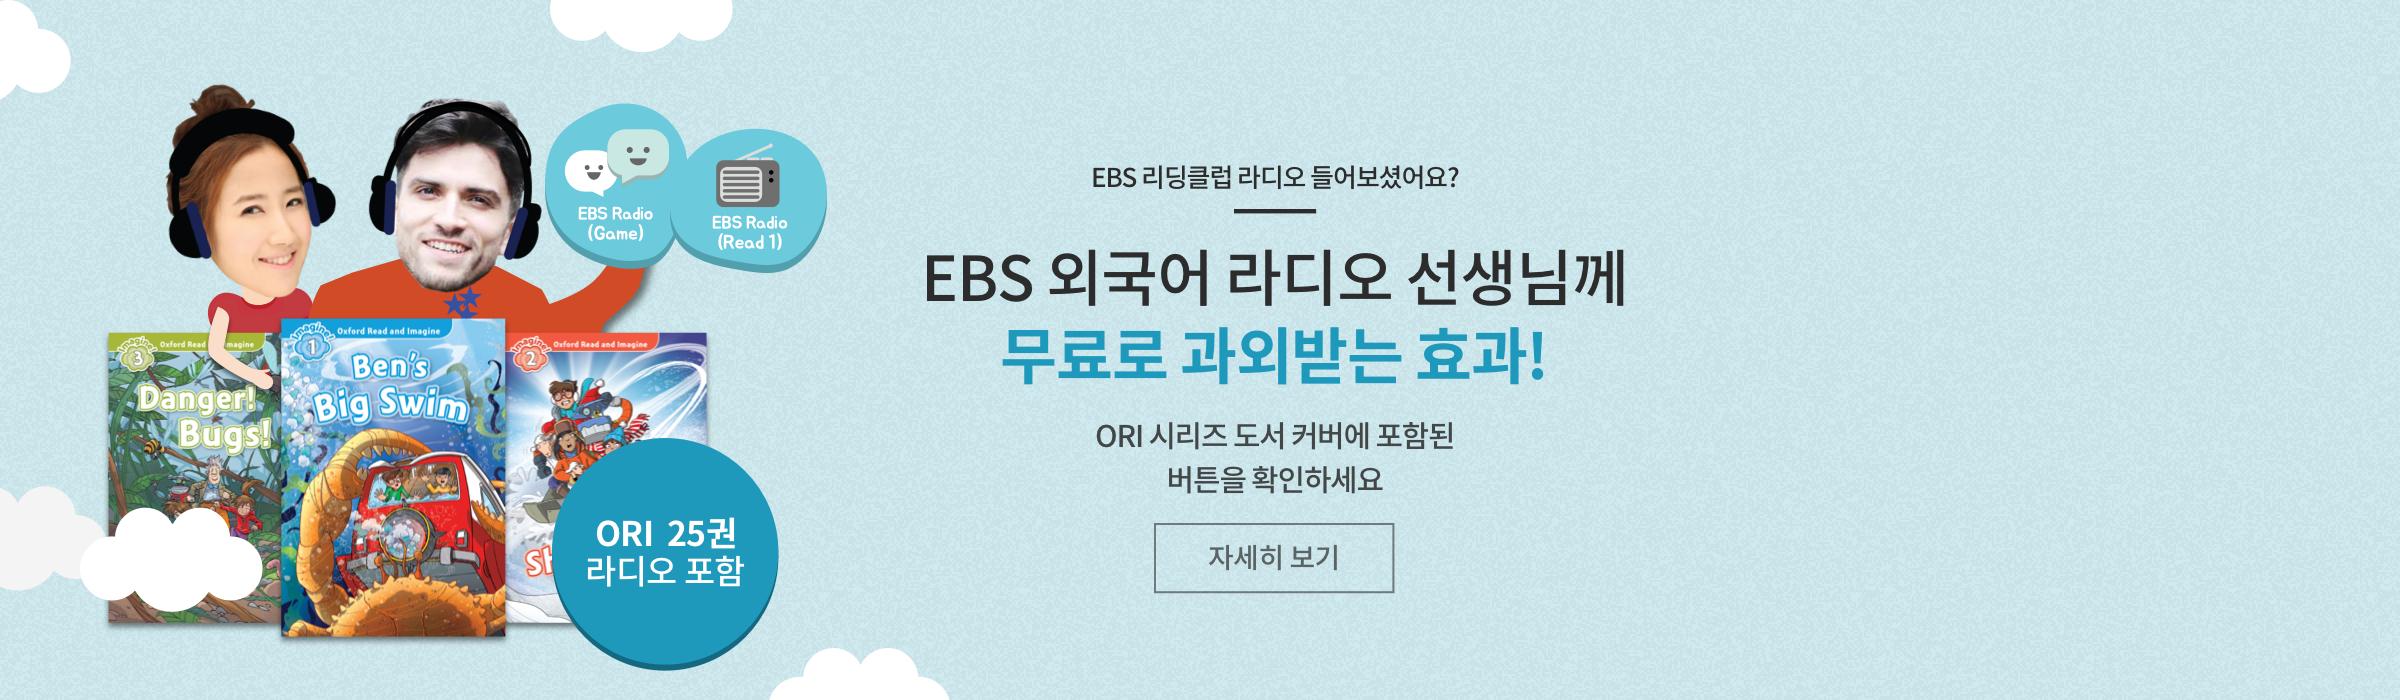 EBS 스타강사와 함께하는 라디오